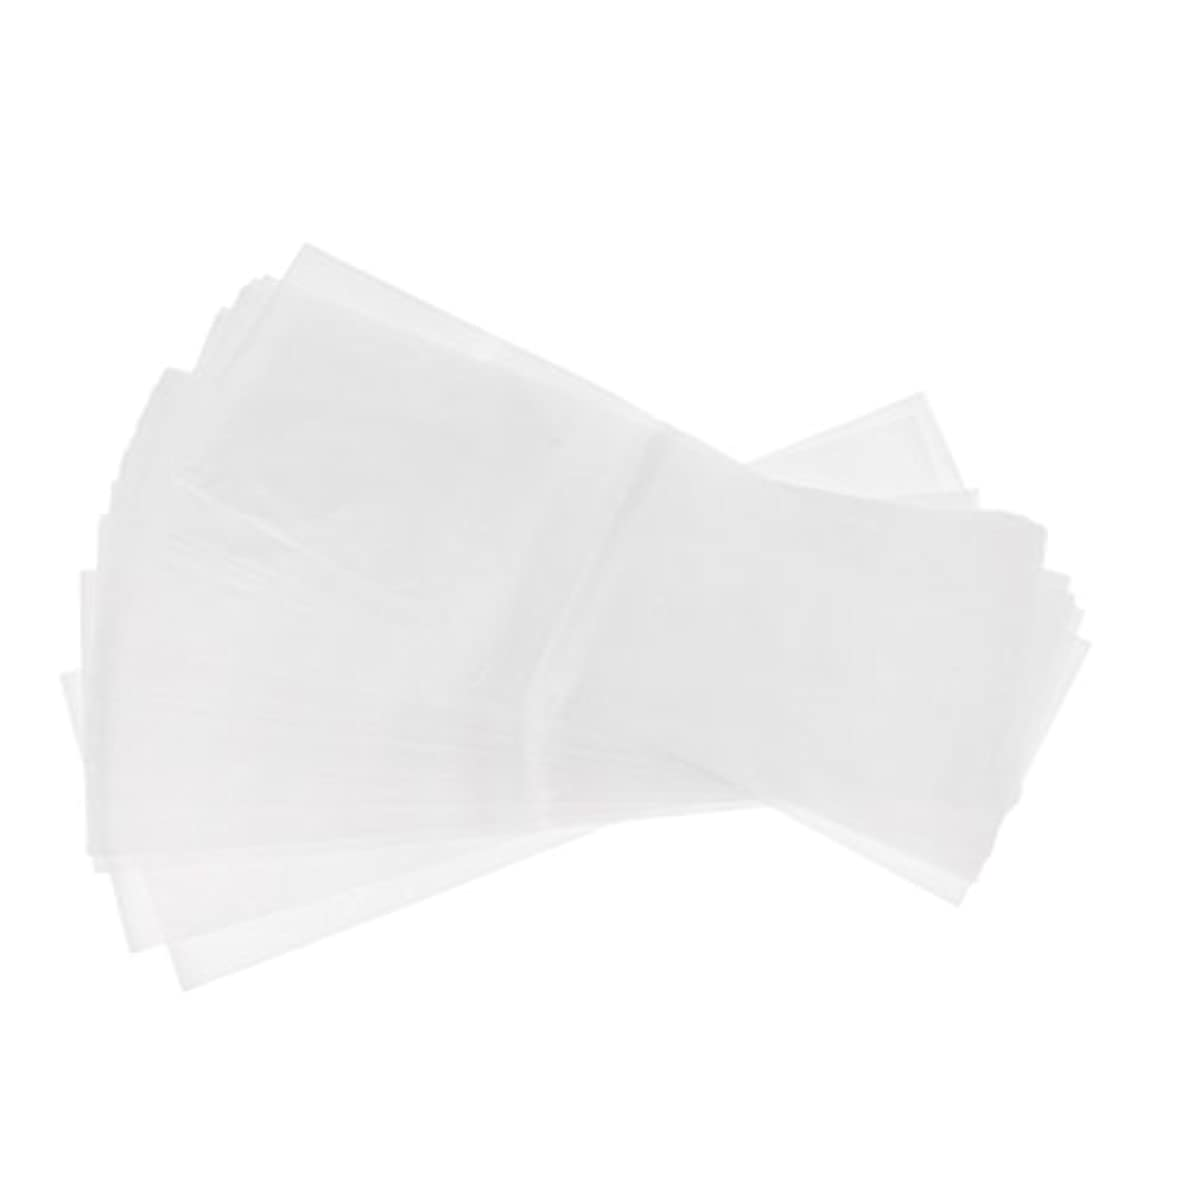 単位人質自動的にPerfk 約50枚 プラスチック製 染毛紙 ハイライトシート サロン ヘア染めツール 再利用可能  髪染め 2タイプ選べ - ホワイト